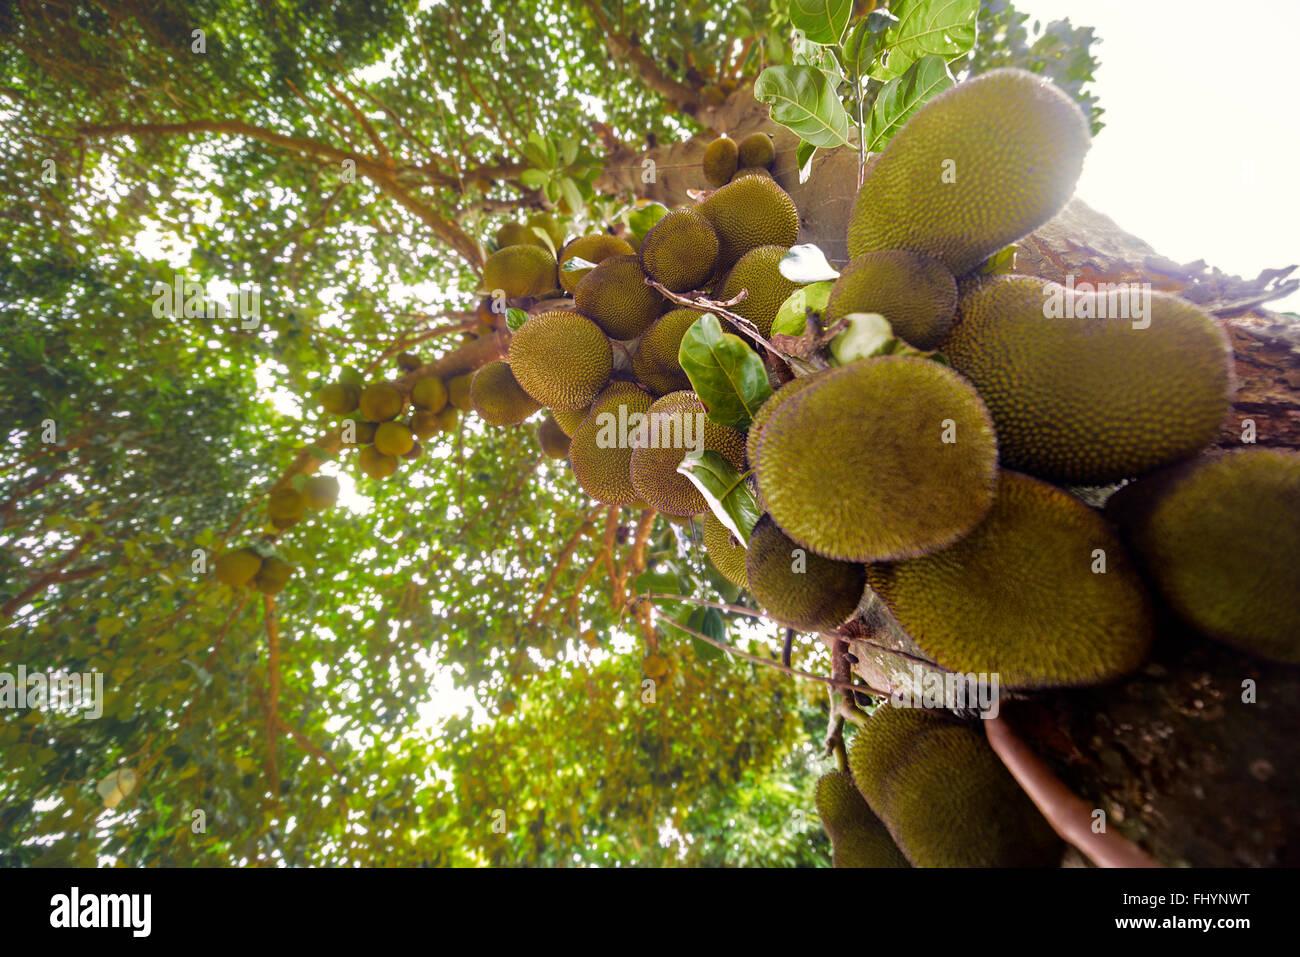 Jackfrüchte (Artocarpus Heterophyllus) Baum mit Obst wächst, niedrigen Winkel Ansicht. Stockbild